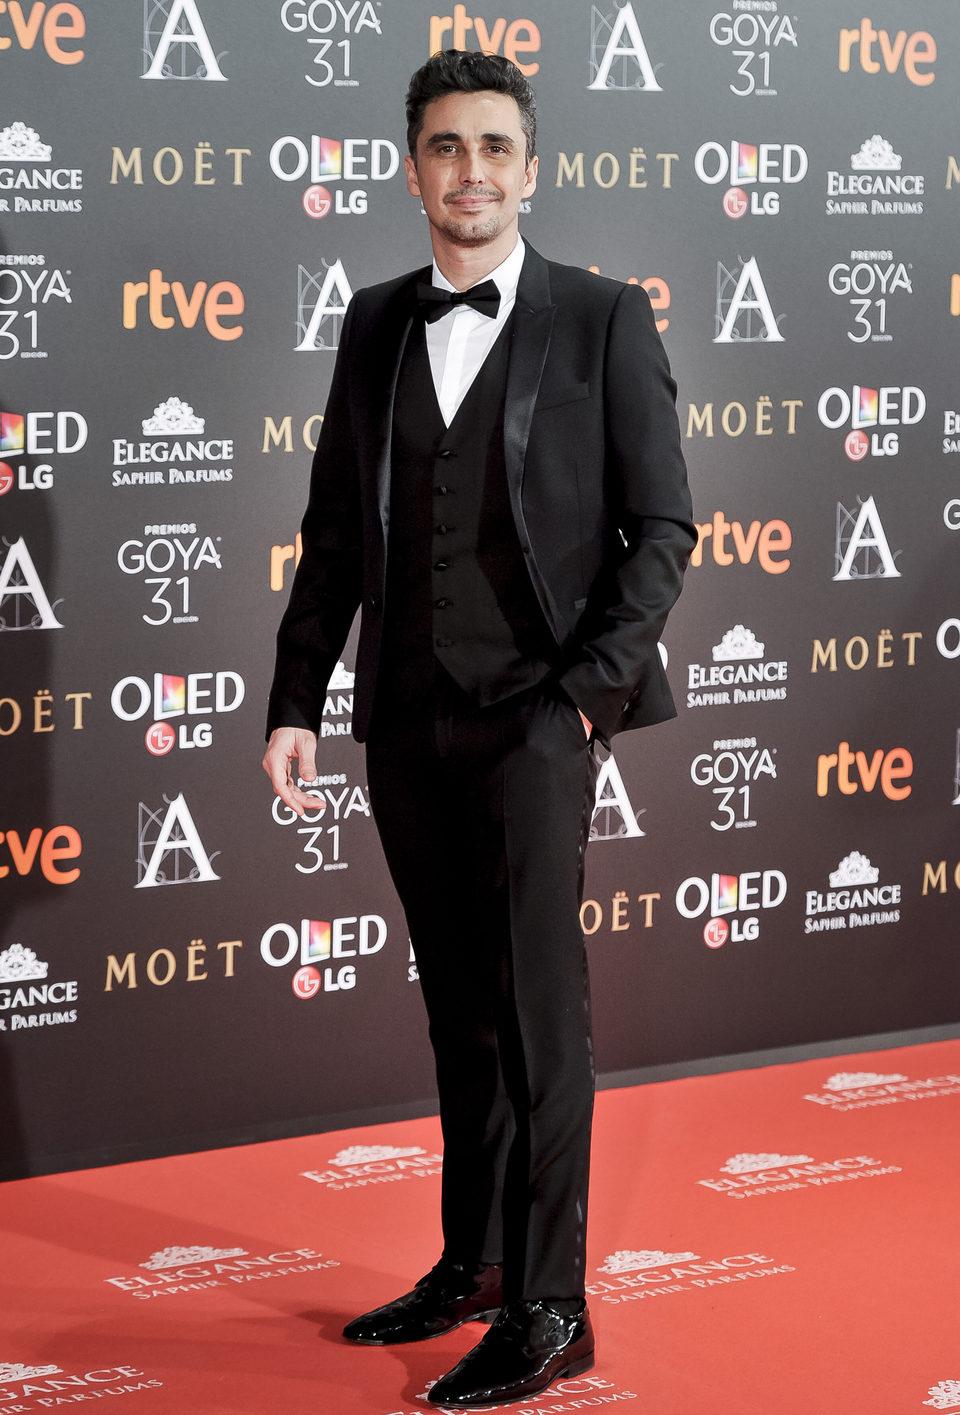 Canco Rodríguez, actor de la serie 'Aída', en la alfombra roja de los Premios Goya 2017